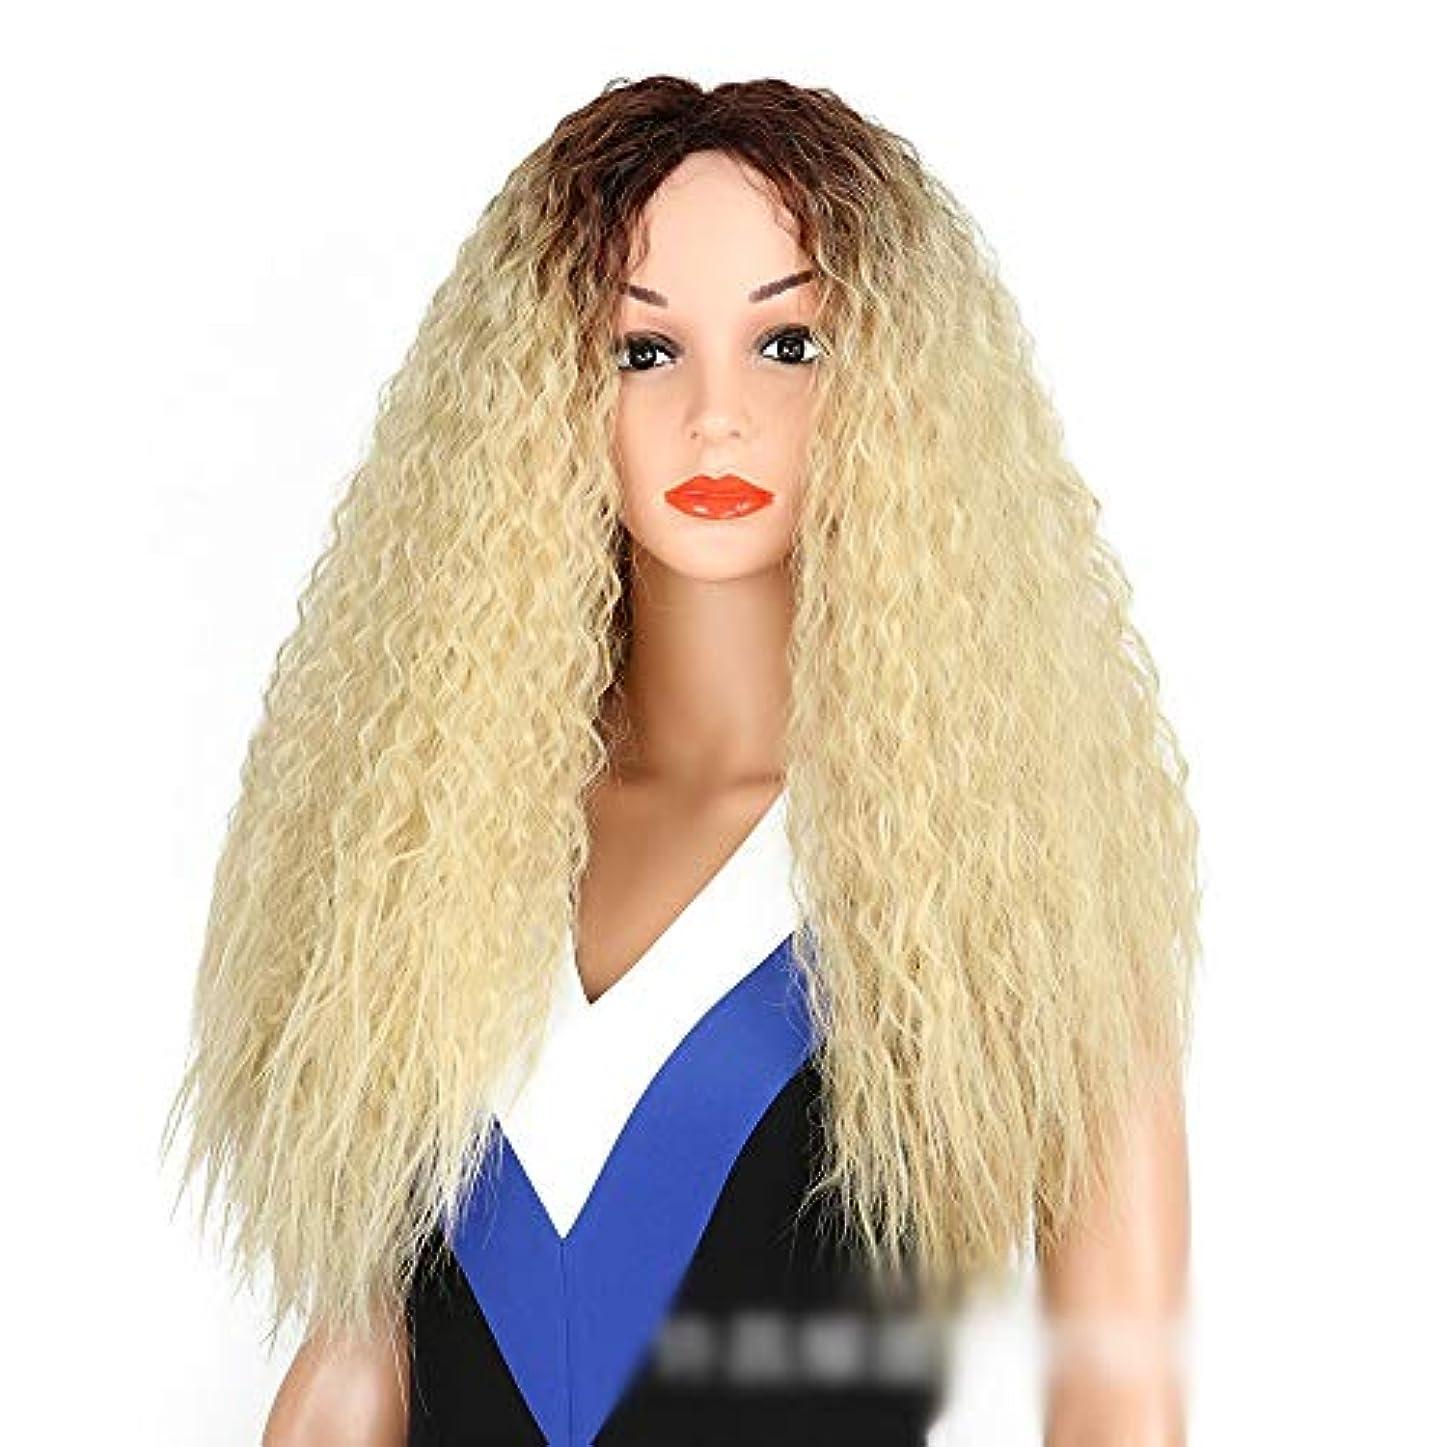 ブラザー同志増幅WASAIO 女性用ブロンドダークルーツコーンホットヘア爆発ヘッドロングカーリーウィッグアクセサリースタイル交換用繊維合成耐熱性 (色 : Blonde)